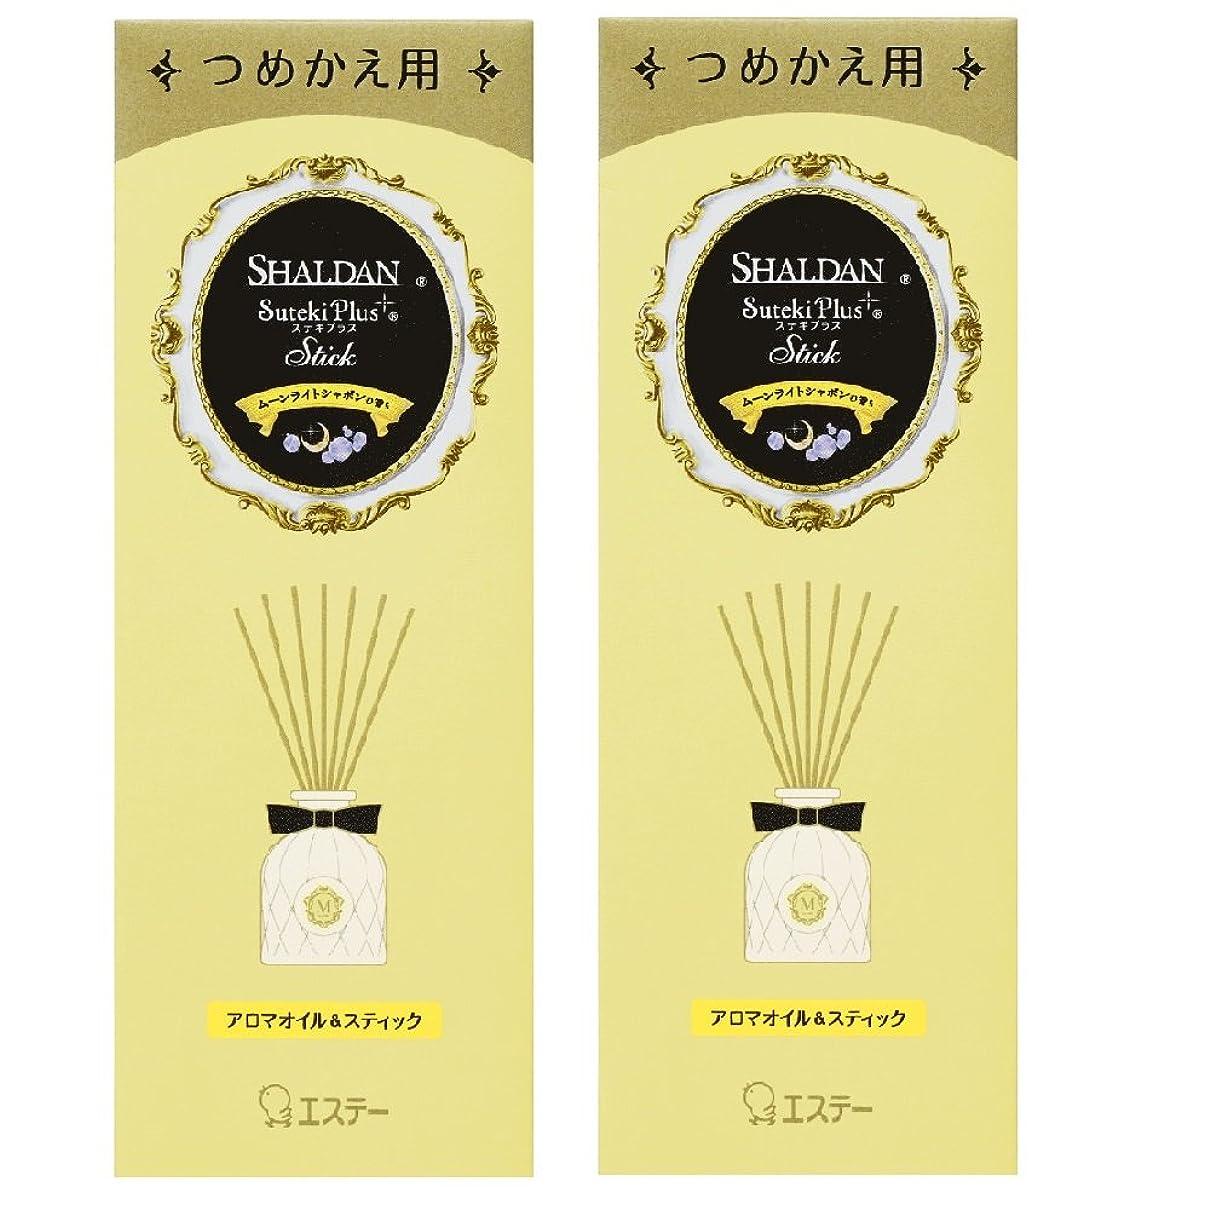 【まとめ買い】 シャルダン SHALDAN ステキプラス スティック 消臭芳香剤 部屋用 部屋 つめかえ ムーンライトシャボンの香り 45ml×2個